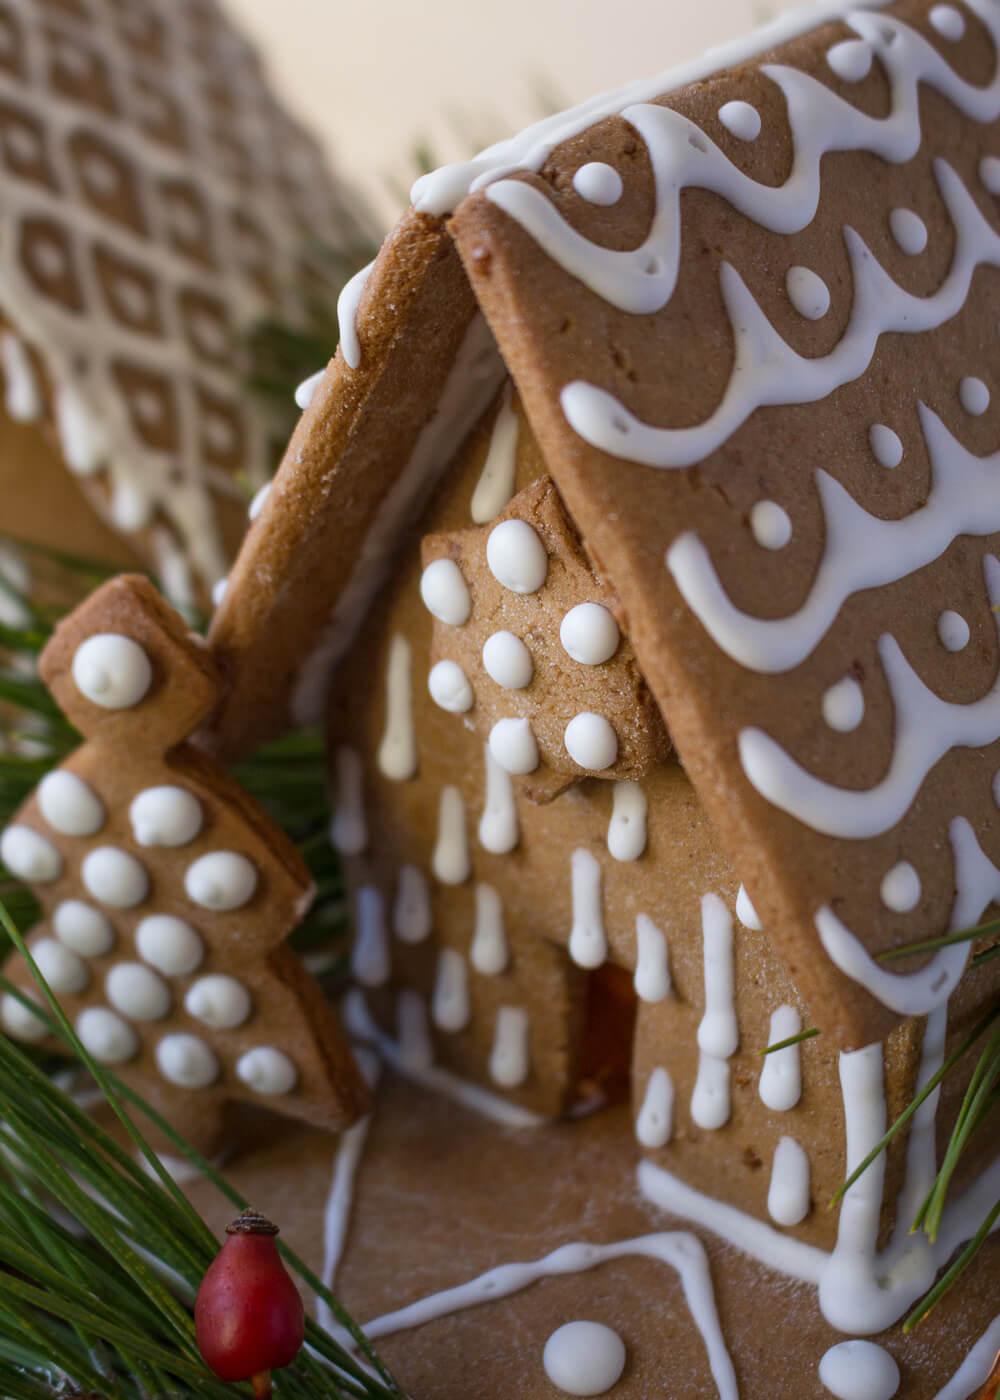 Calendario dell'Avvento - Gingerbread house - Un Natale di tradizioni - Lily&SageDesign